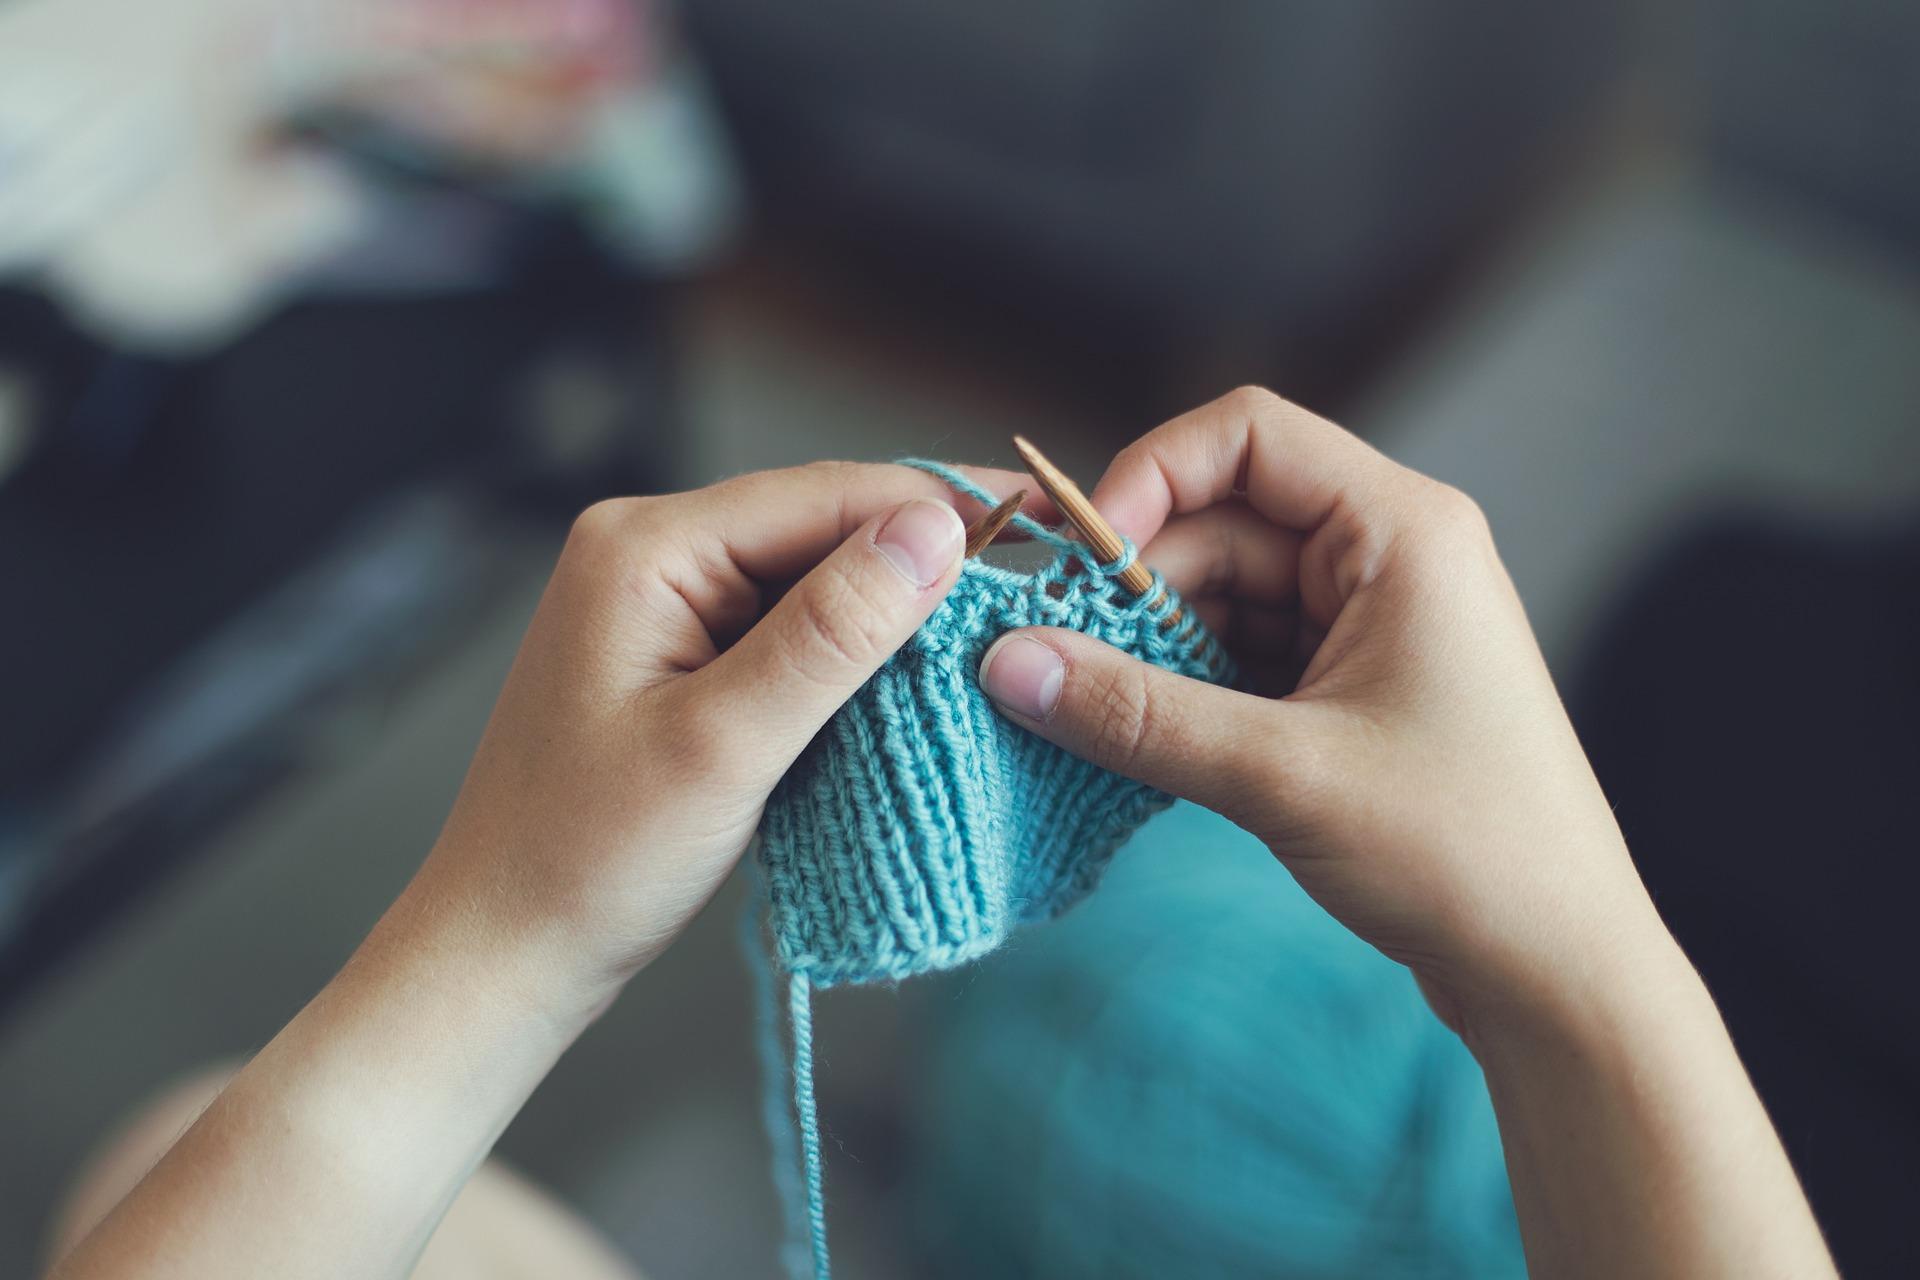 stock_knitting.jpg